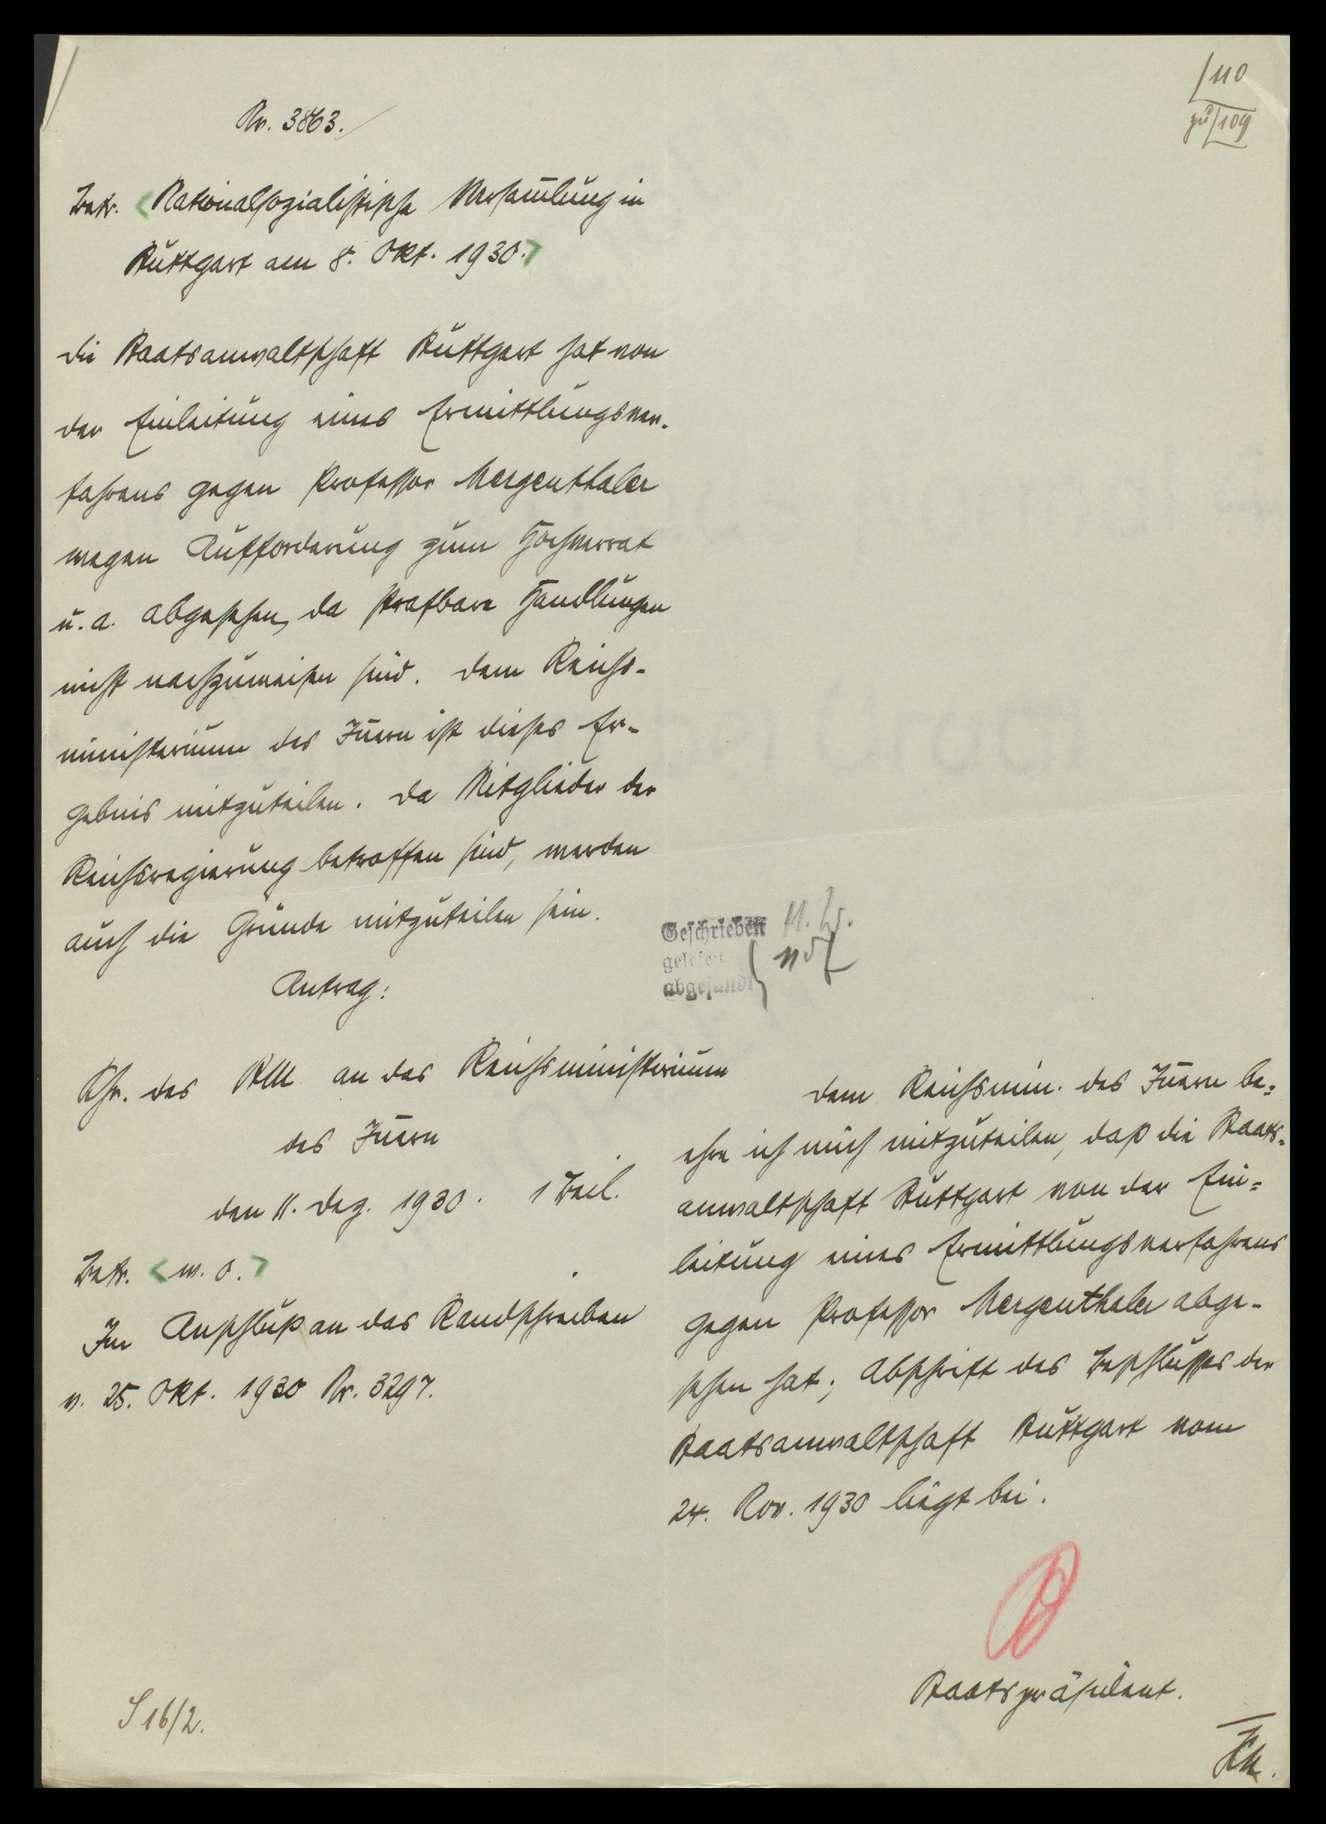 Versammlungen, Agitationen und andere Tätigkeiten der Nationalsozialisten, Bild 2